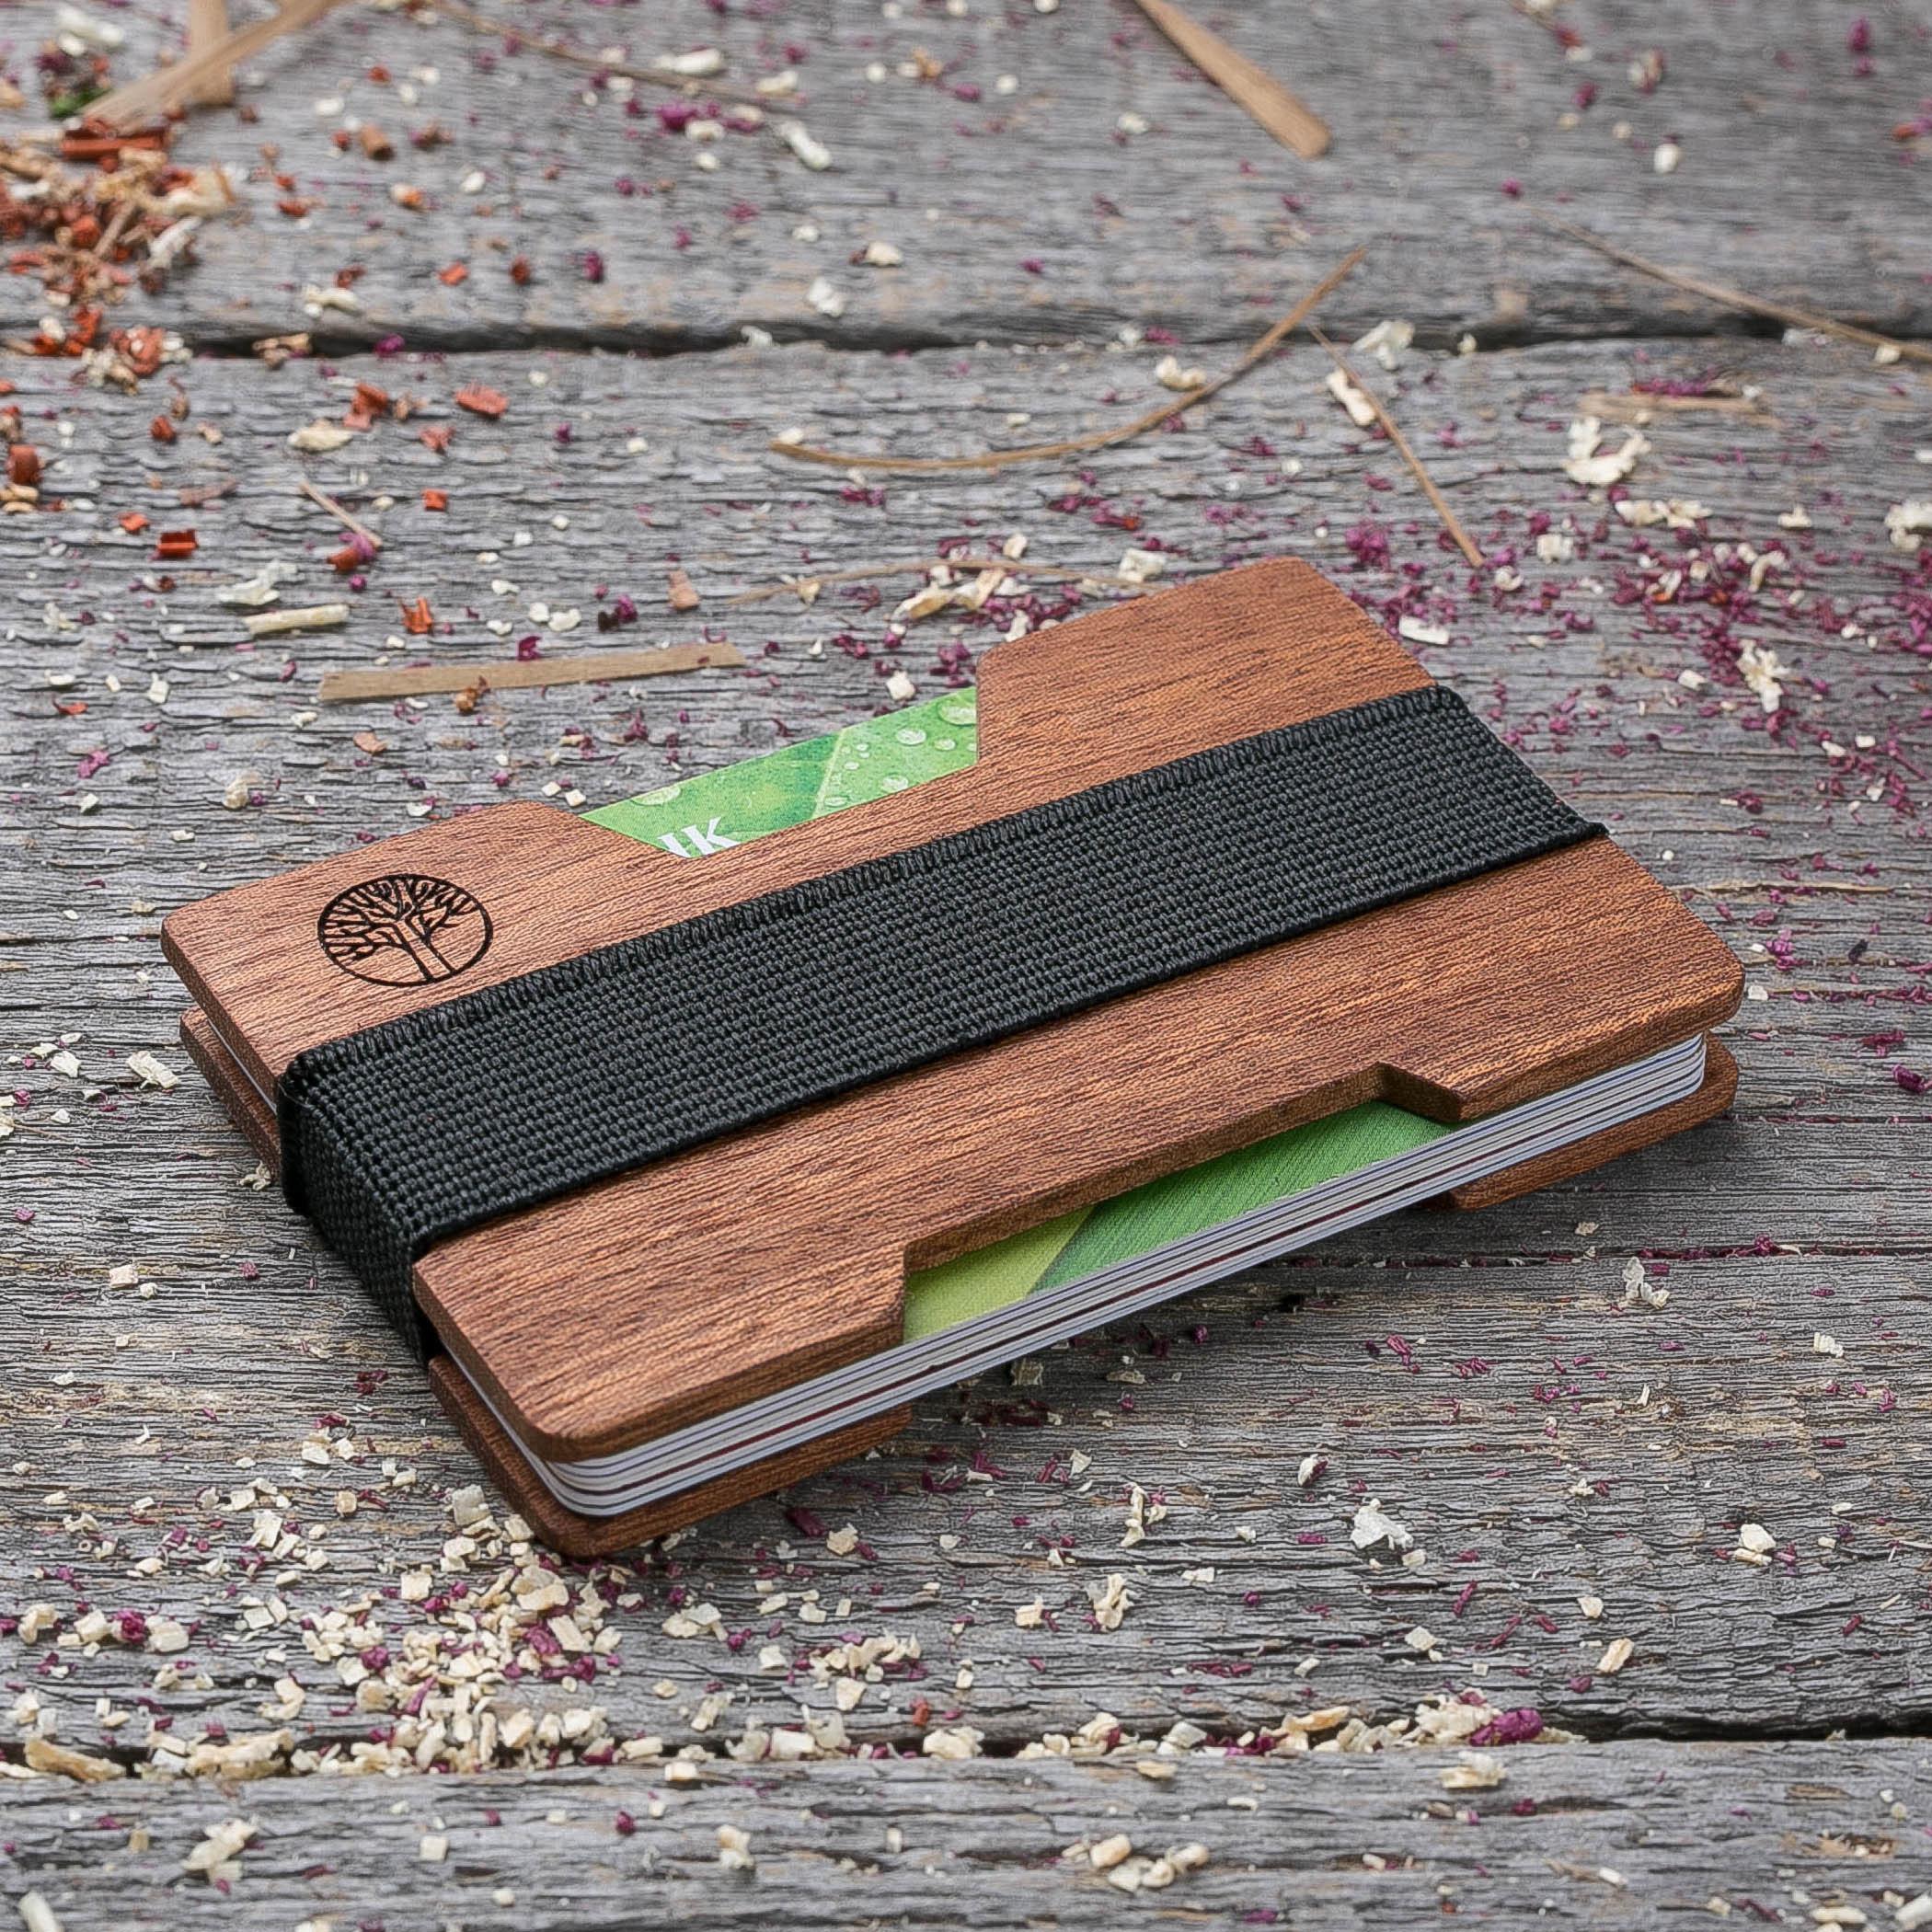 Мини кошелек-кардхолдер из дерева. Массив сапеле. Для 1-15 пластиковых карт и купюр. Подарок другу или бизнес партнеру, именной кошелек. Гравировка имени или логотипа + открытка из дерева TwinsMiniWallet-SapeleH